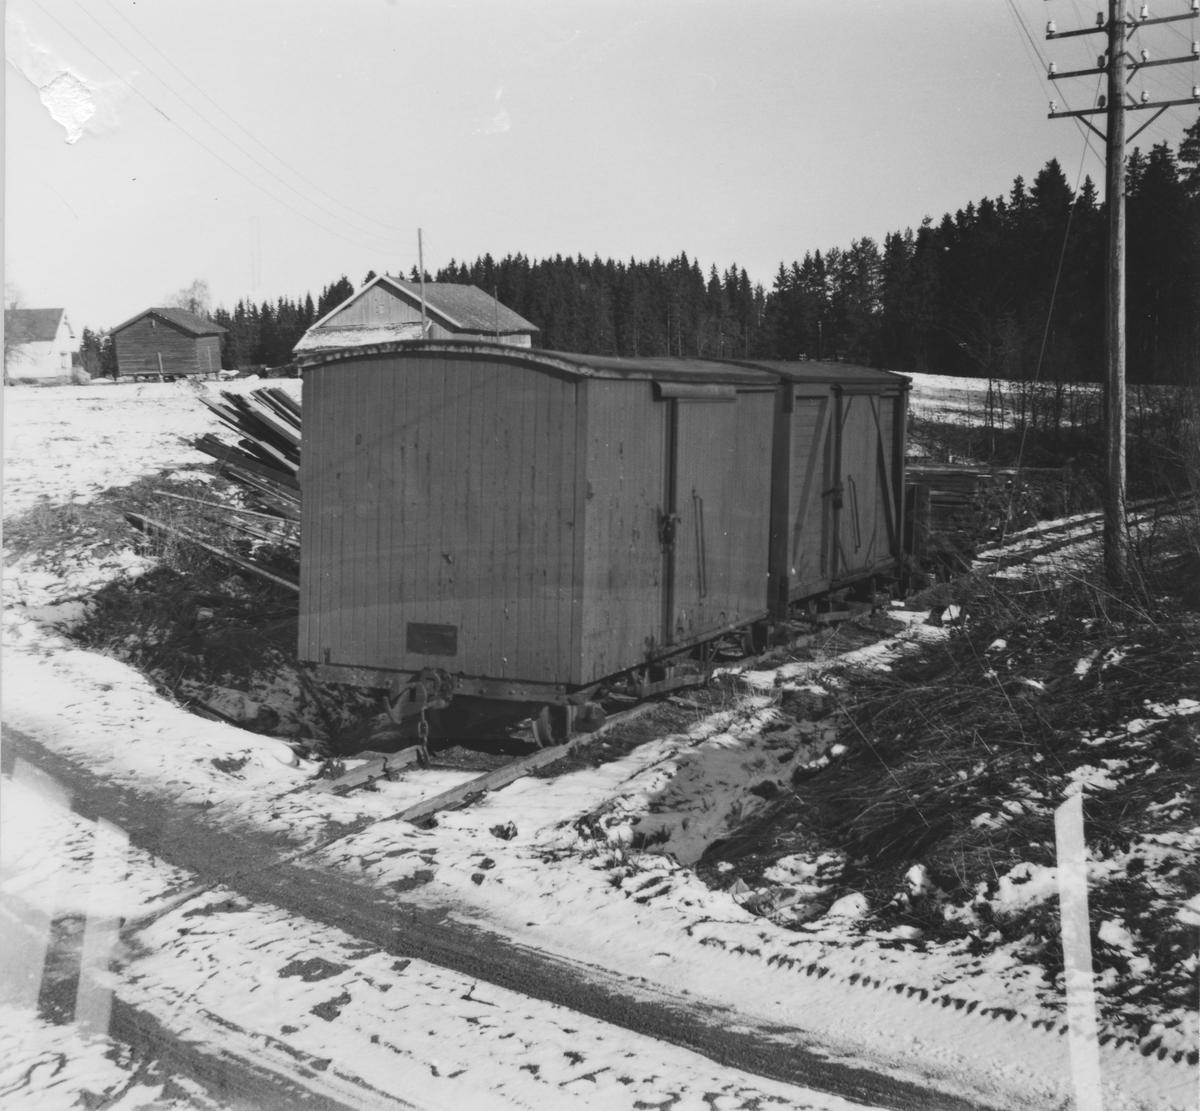 Godsvognene G9, G13 og K19 ved Sætra planovergang etter at de ble flyttet fra Sørumsand, der de hadde stått lagret siden nedleggelsen i 1960.